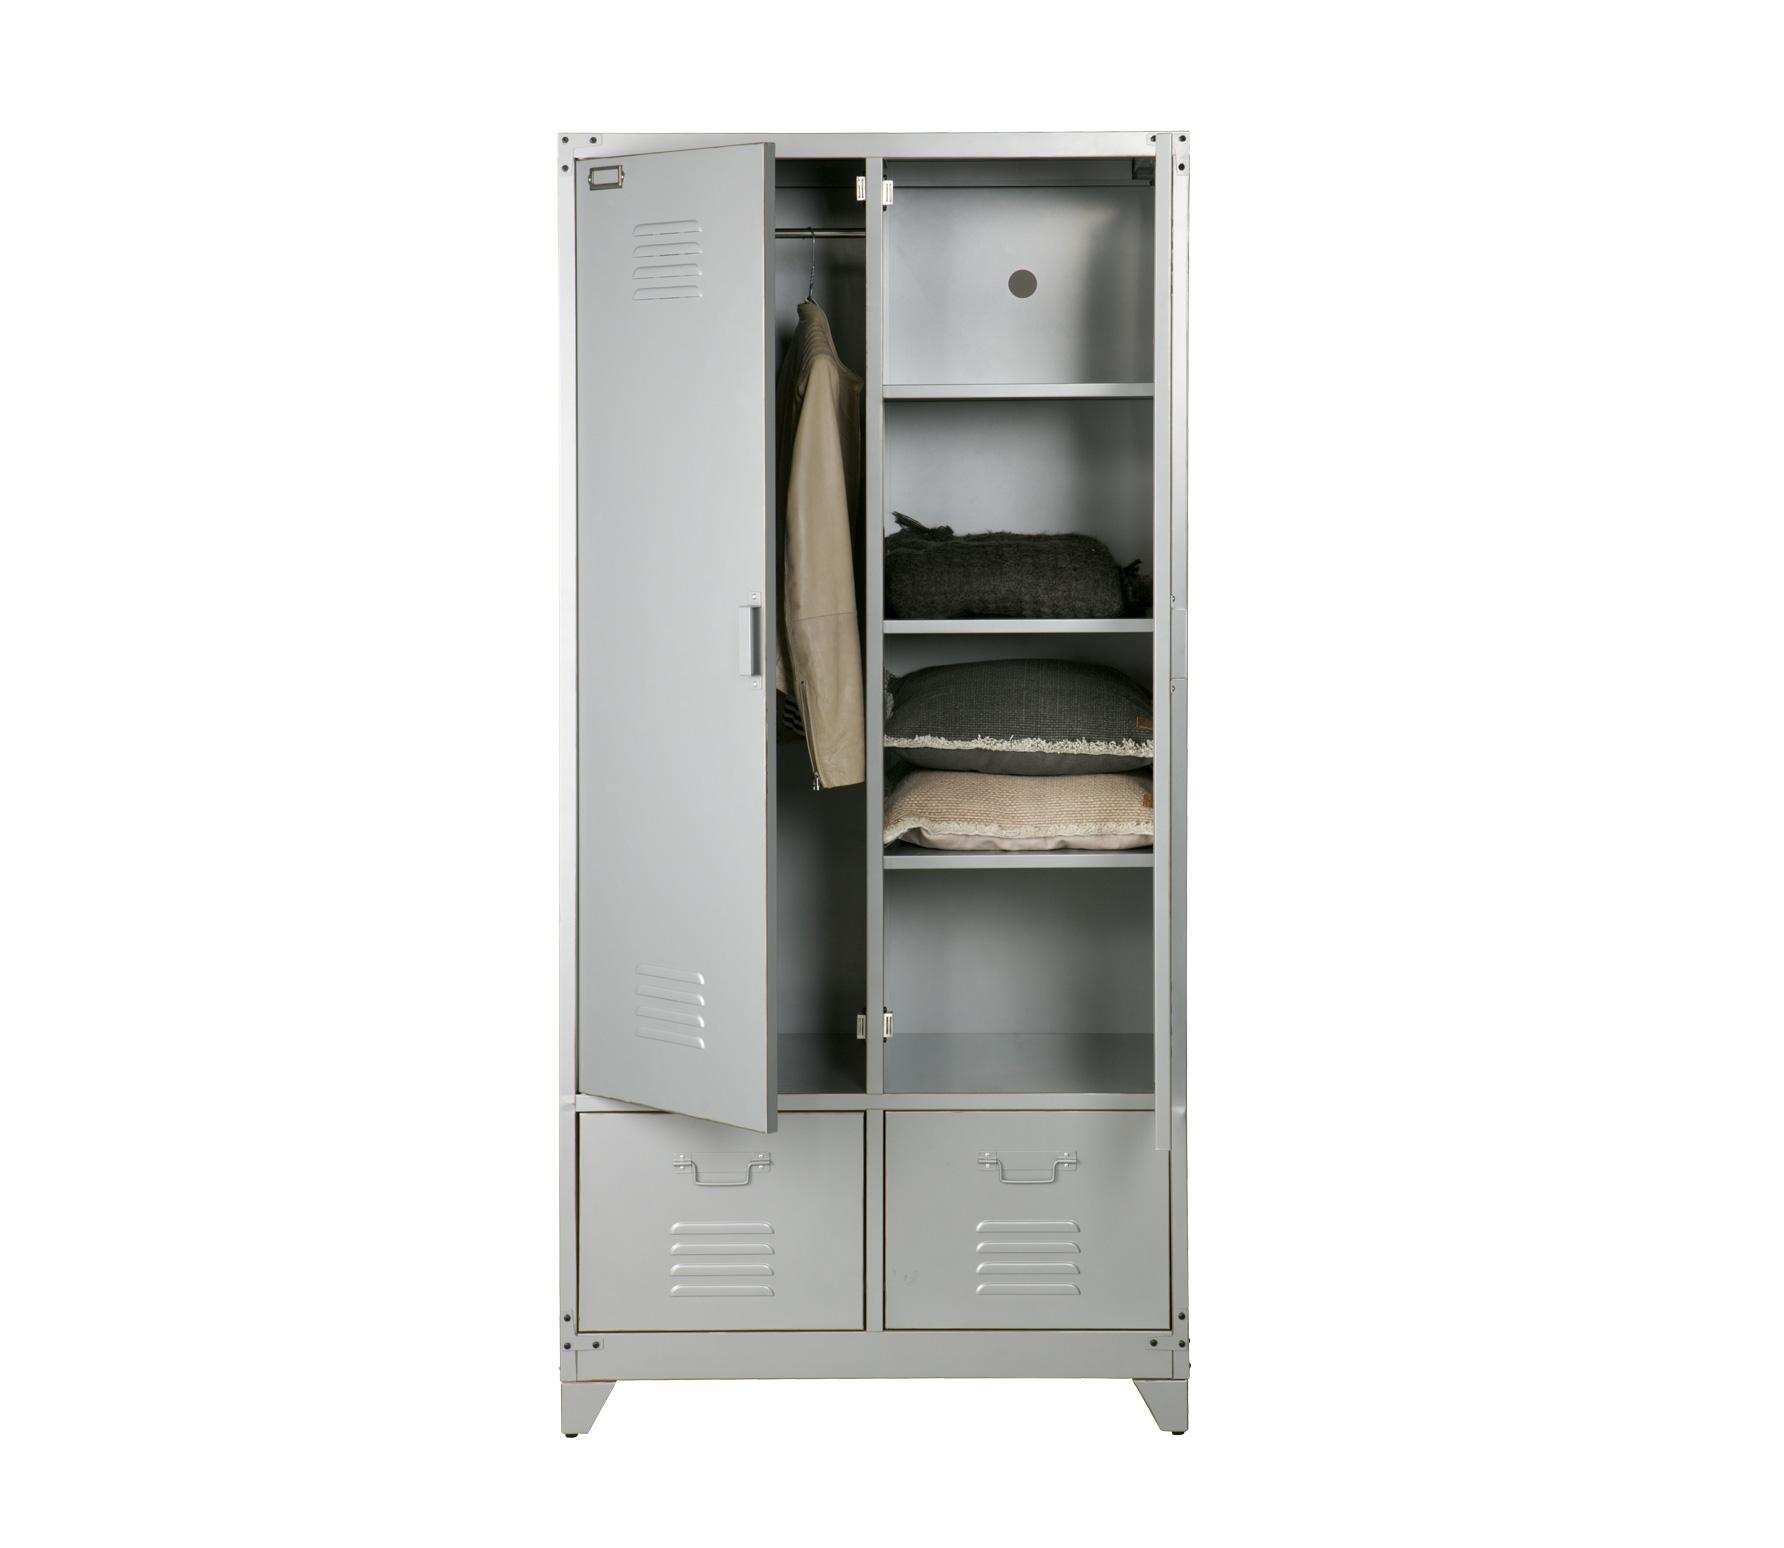 vtwonen Safe lockerkast 190x90x50 cm metaal zilvergrijs